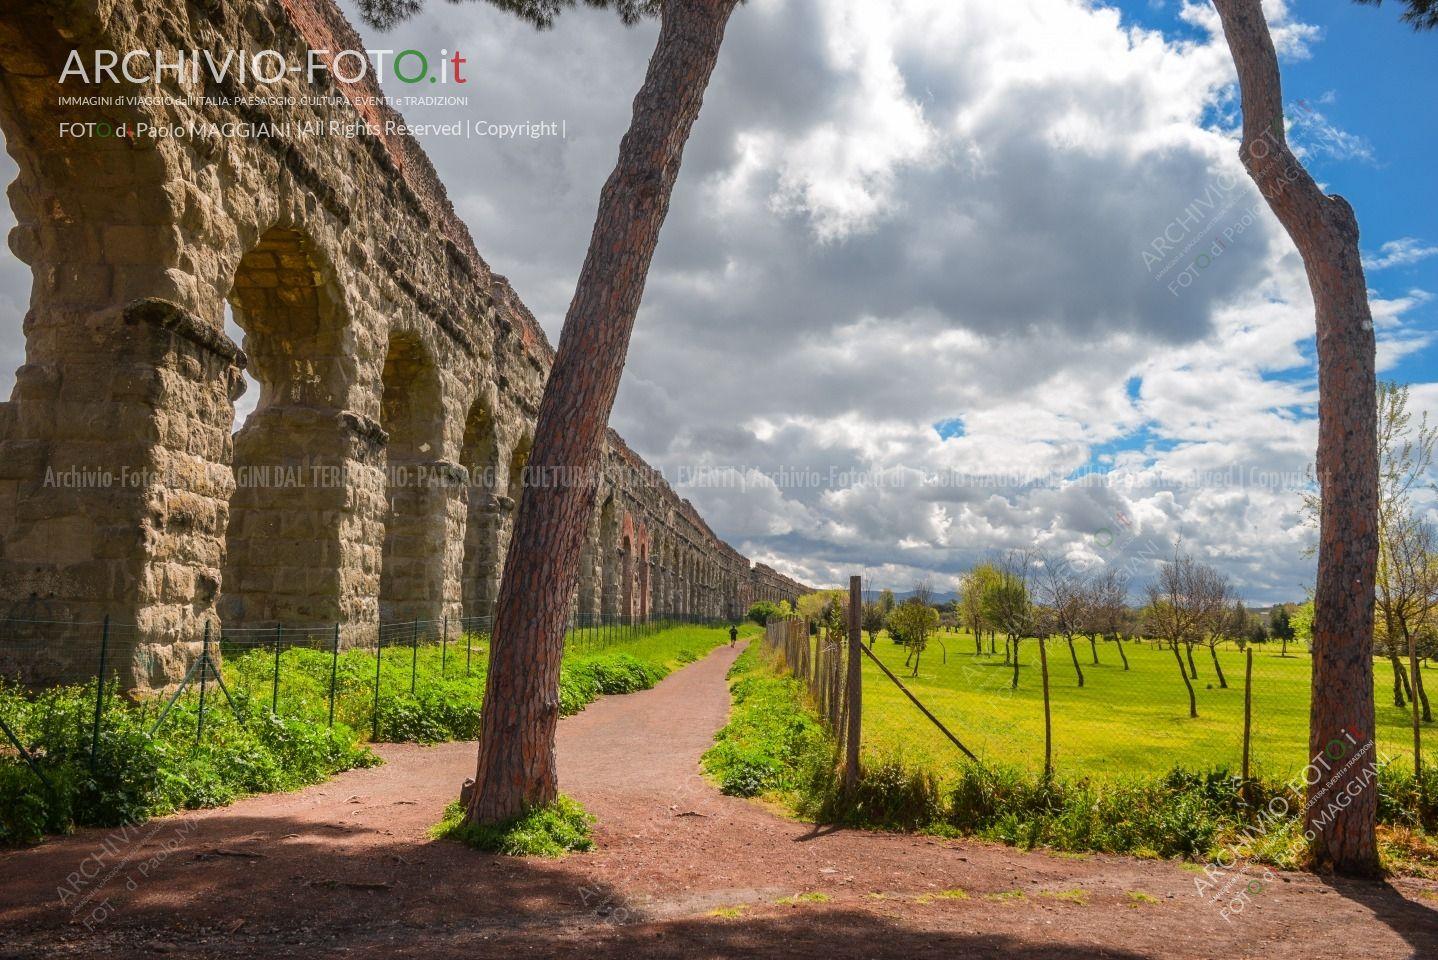 178ND61019P_MAG_3762_Paolo-Maggiani_07042019_Acquedotto-Parco-degli-acquedotti-Roma